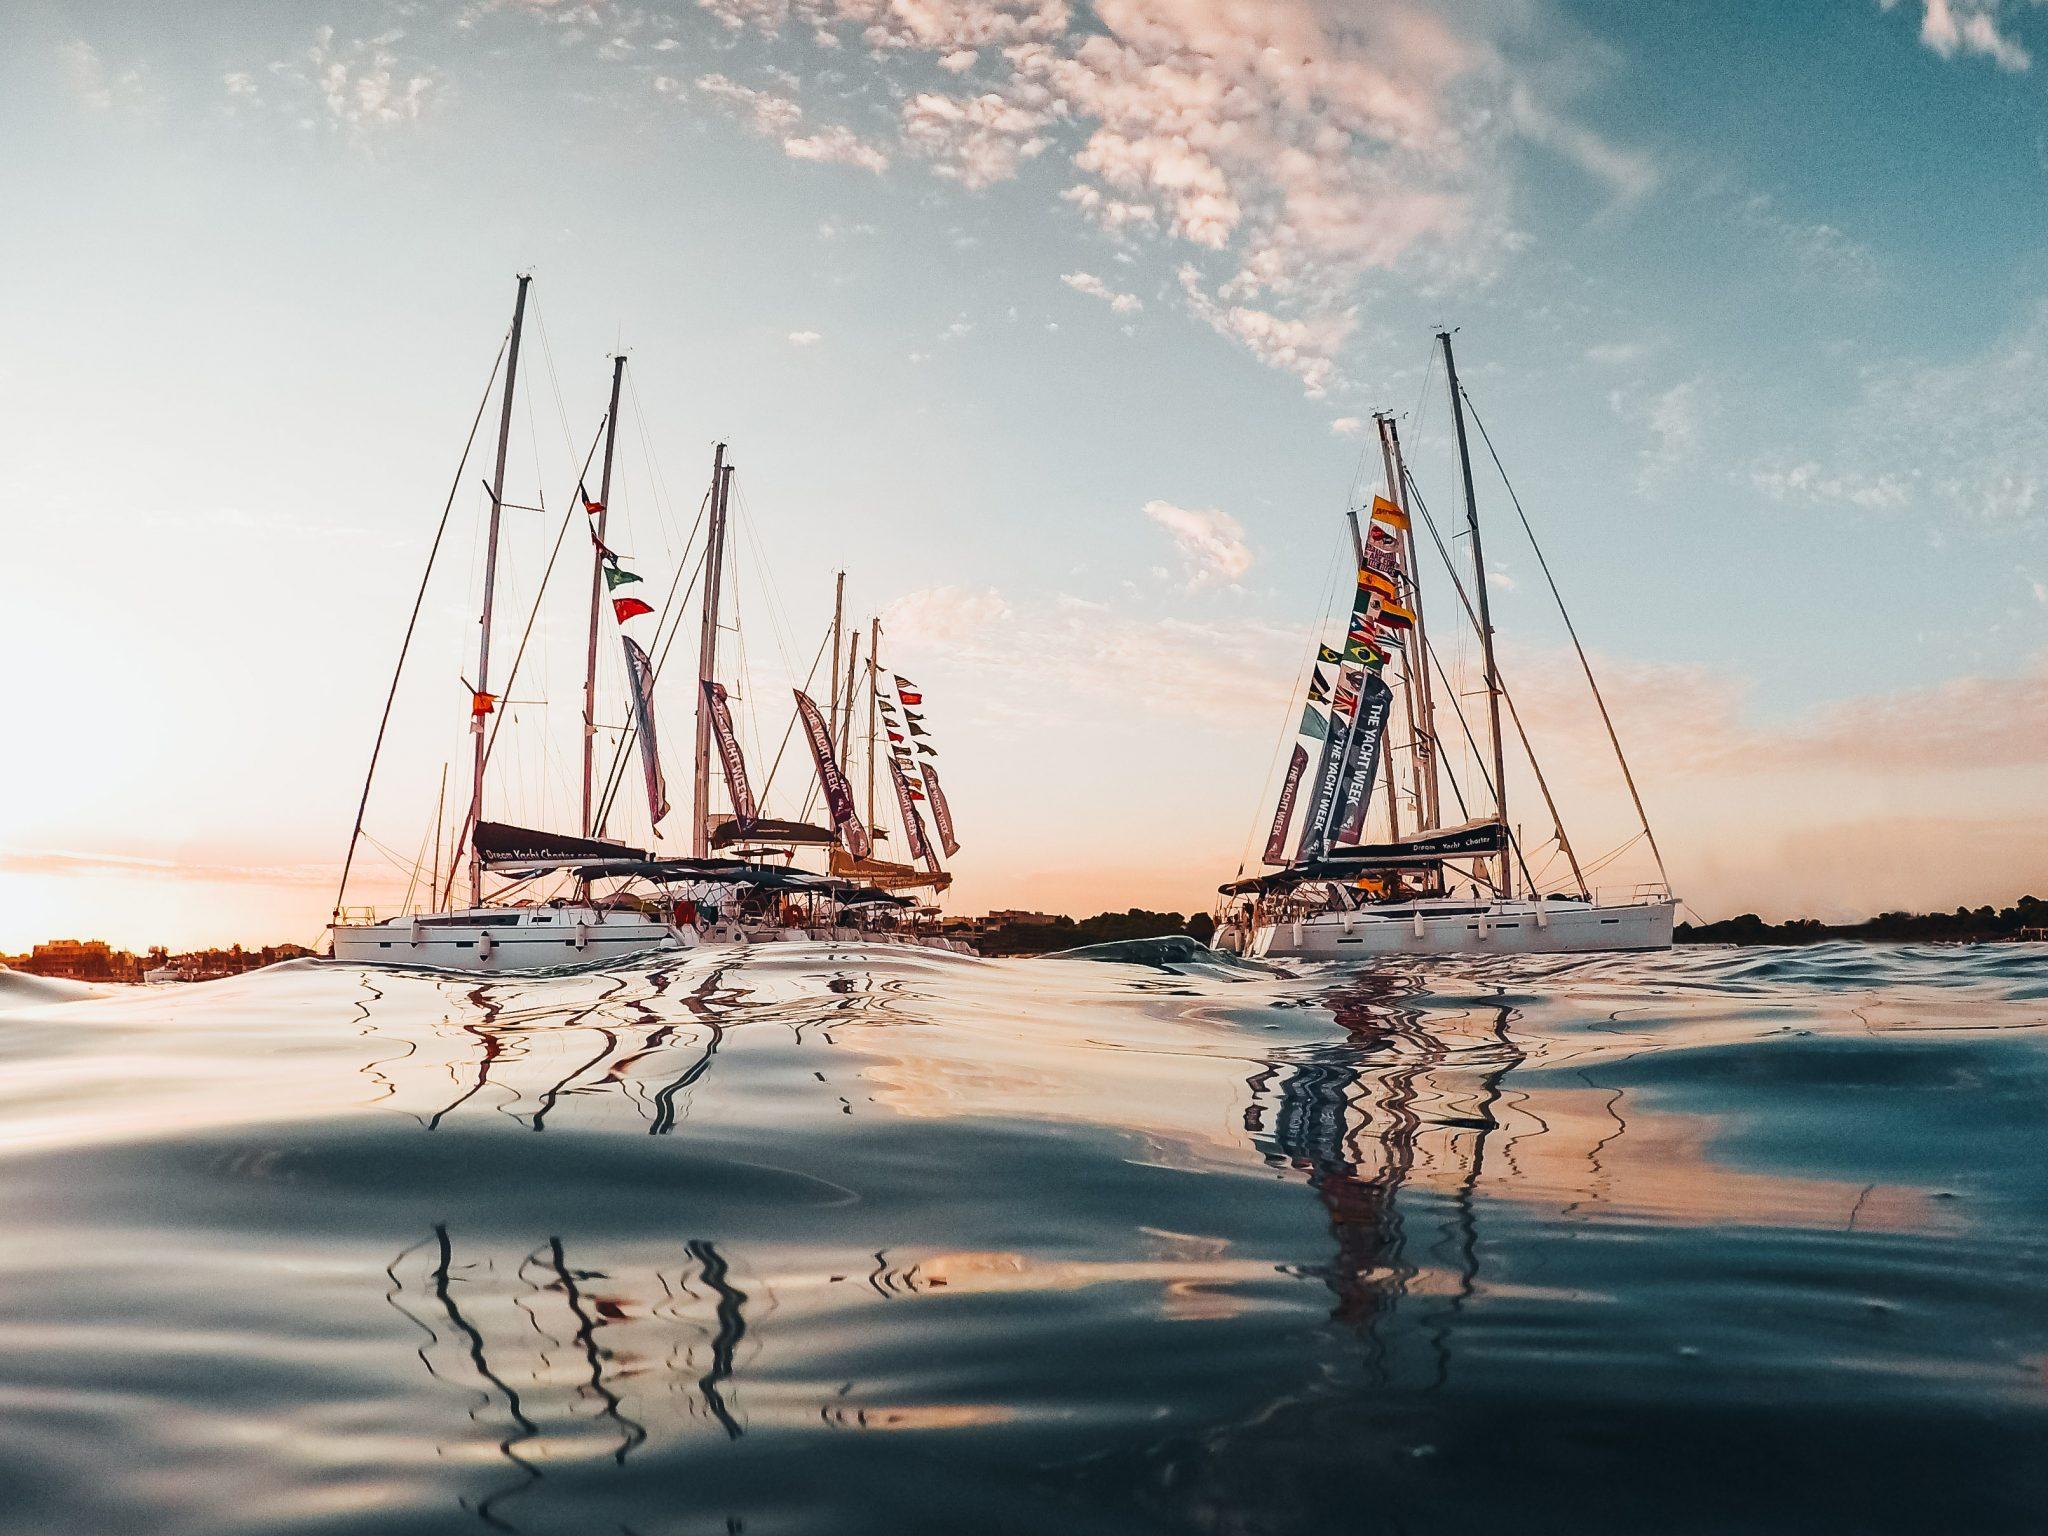 EIn Bild von einer ruhigen Bucht mit unterschiedlichen Segelbooten vor Anker